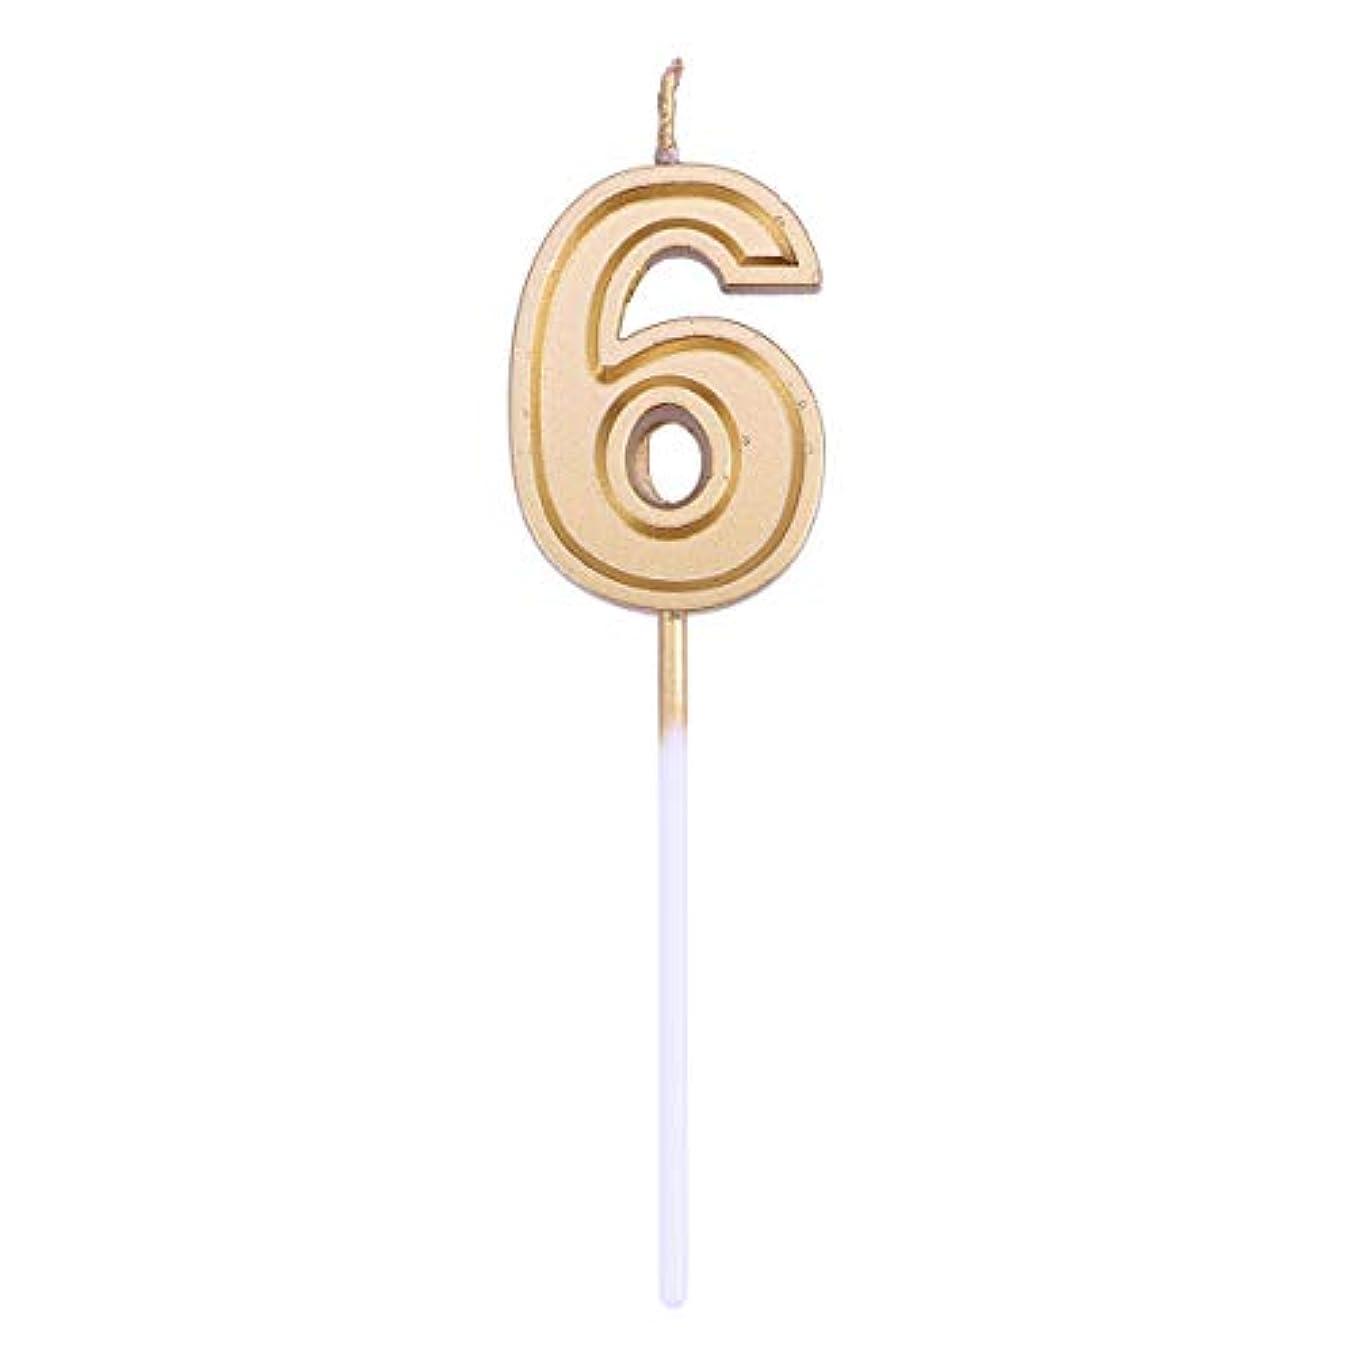 フライカイト石のキラウエア山Toyvian ゴールドラメ誕生日おめでとう数字キャンドル番号キャンドルケーキトッパー装飾用大人キッズパーティー(番号6)